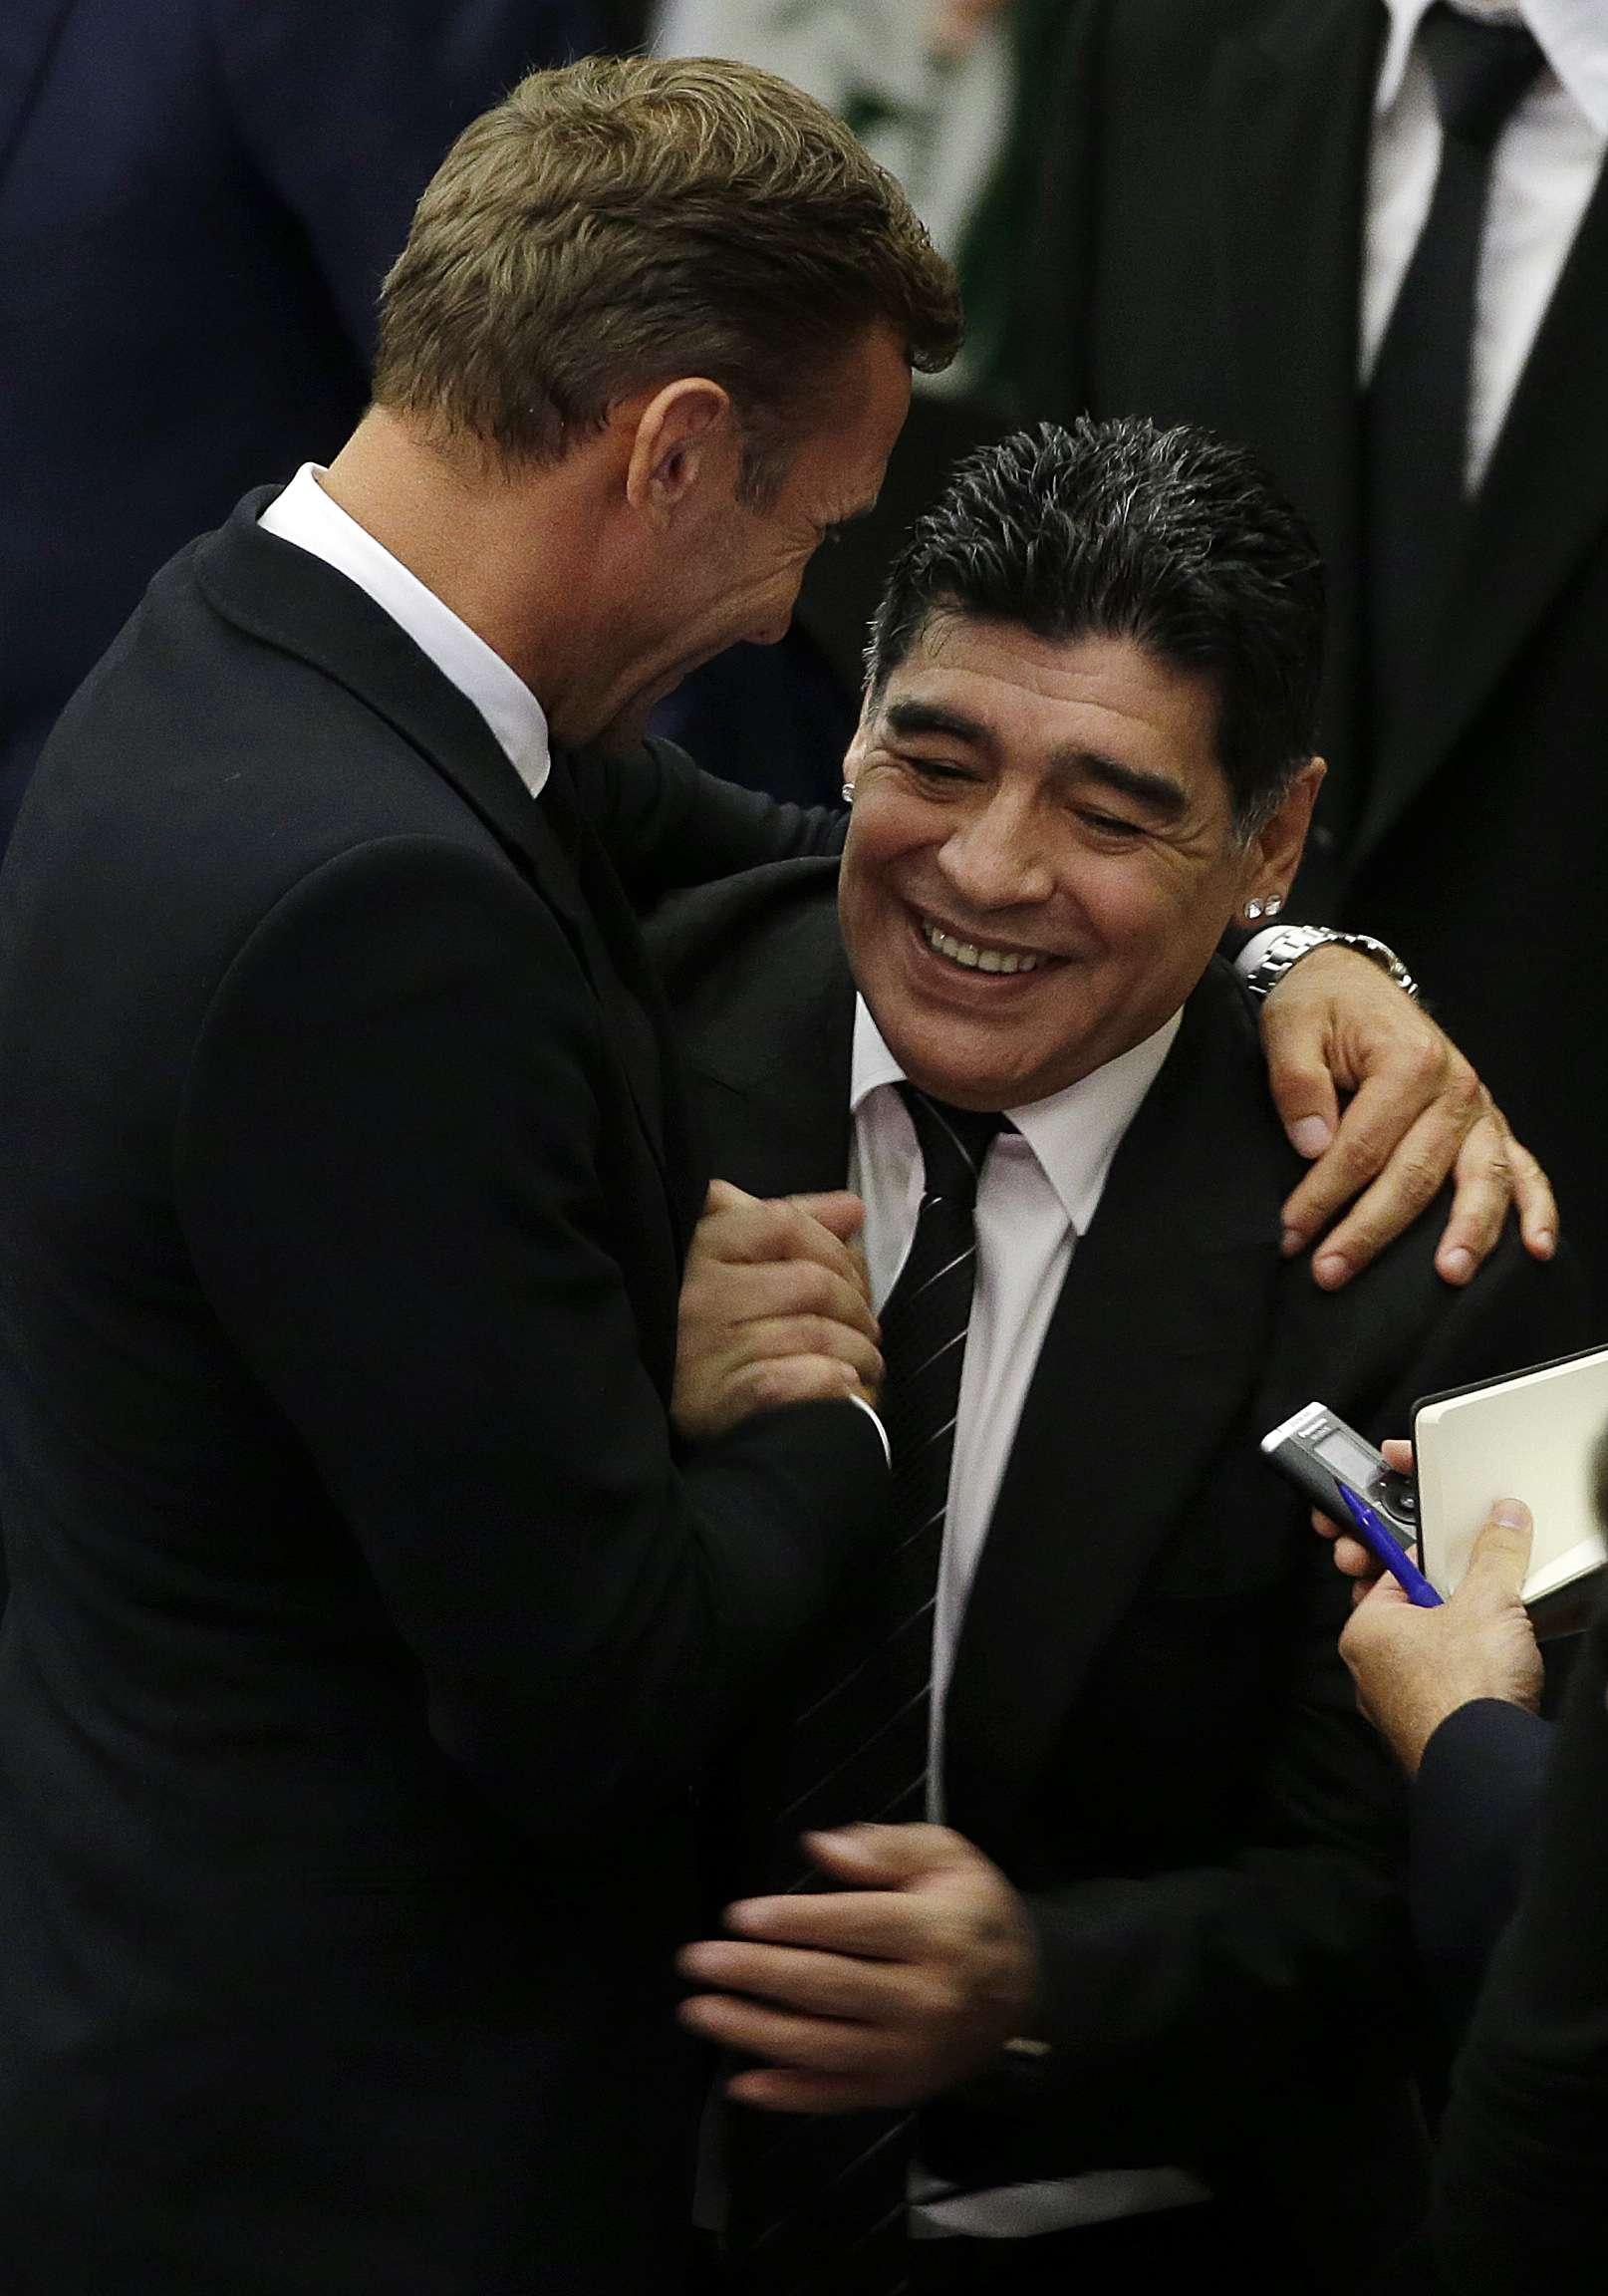 Otra vez Diego Maradona en escándalos por su fortuna. Foto: AP